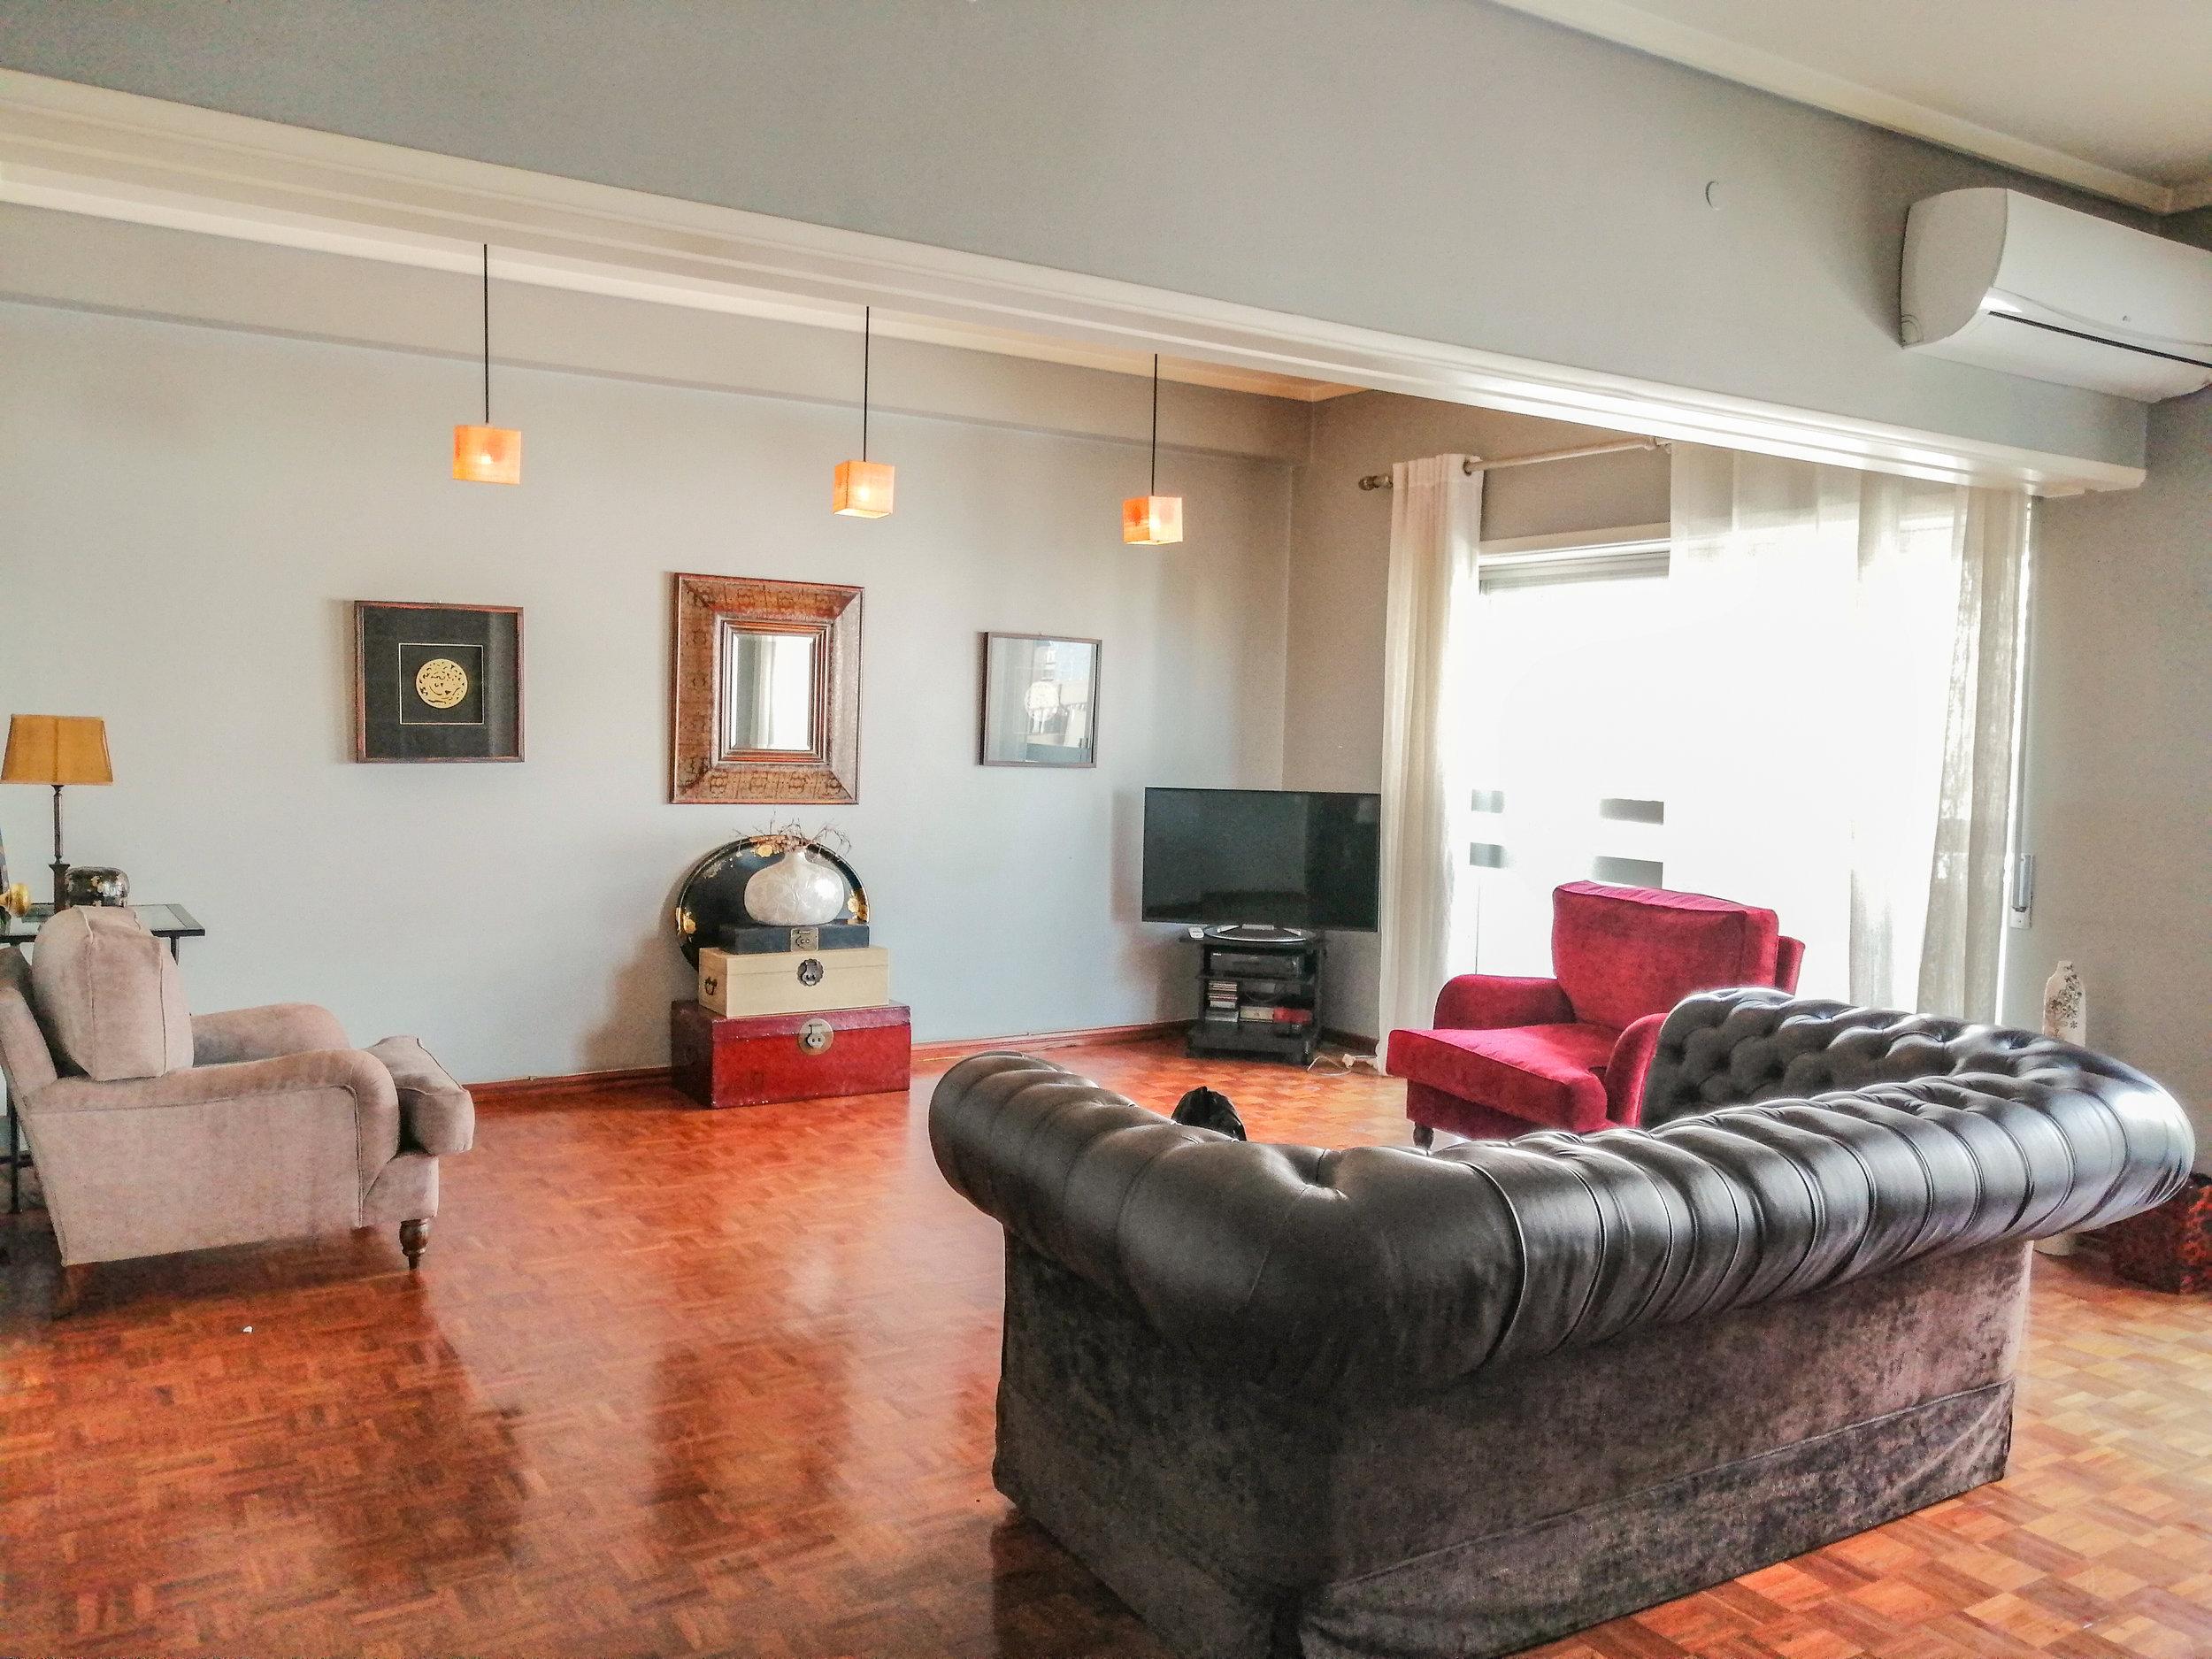 Mais detalhes… - Muito espaço de arrumação;Espaço ligado à sala com possibilidade de expansão da mesma;Varanda que rodeia o apartamento com excelentes vistas;Óptima iluminação.